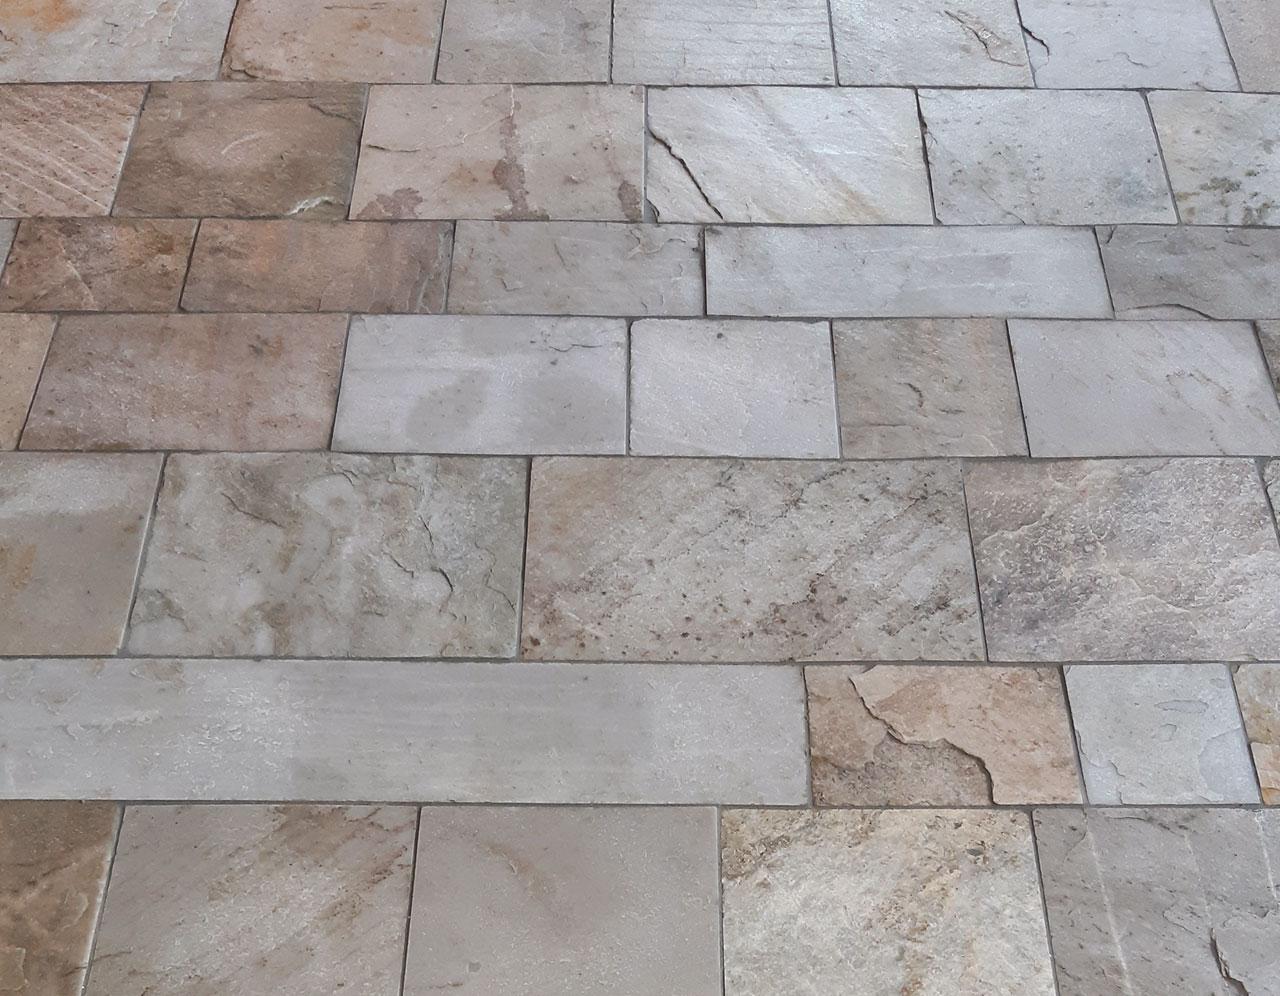 Niederkofler Bau, Naturstein-Fußboden, Silberquarzit, Privathaushalt, Pfitsch, 20201005-144607, 1280x996px